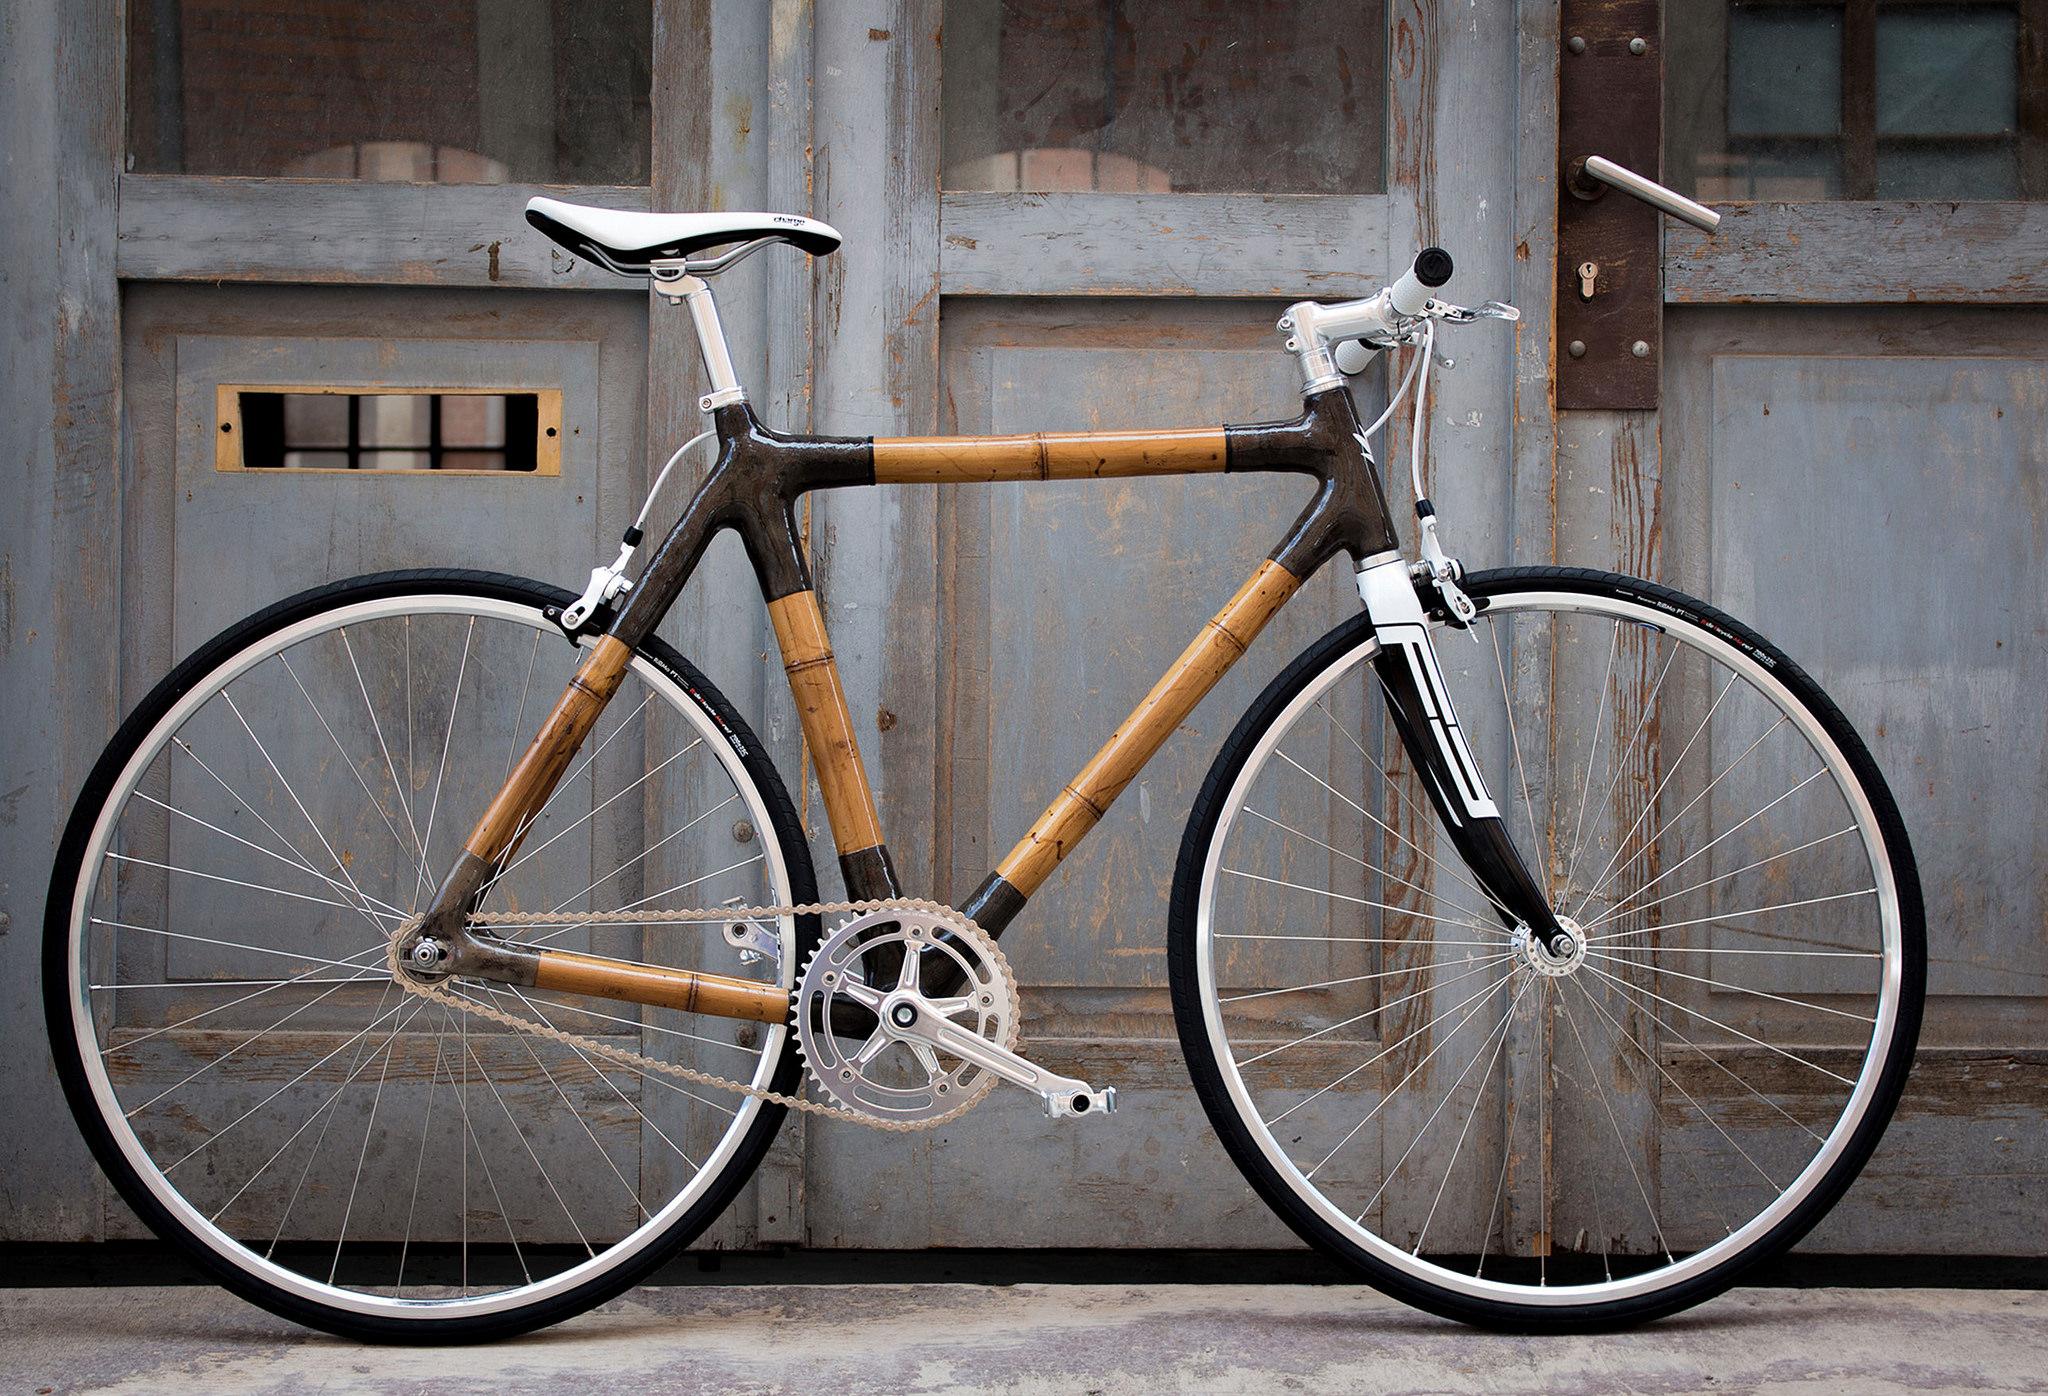 bambus auf r dern das zukunfts bike rheinneckarblog. Black Bedroom Furniture Sets. Home Design Ideas